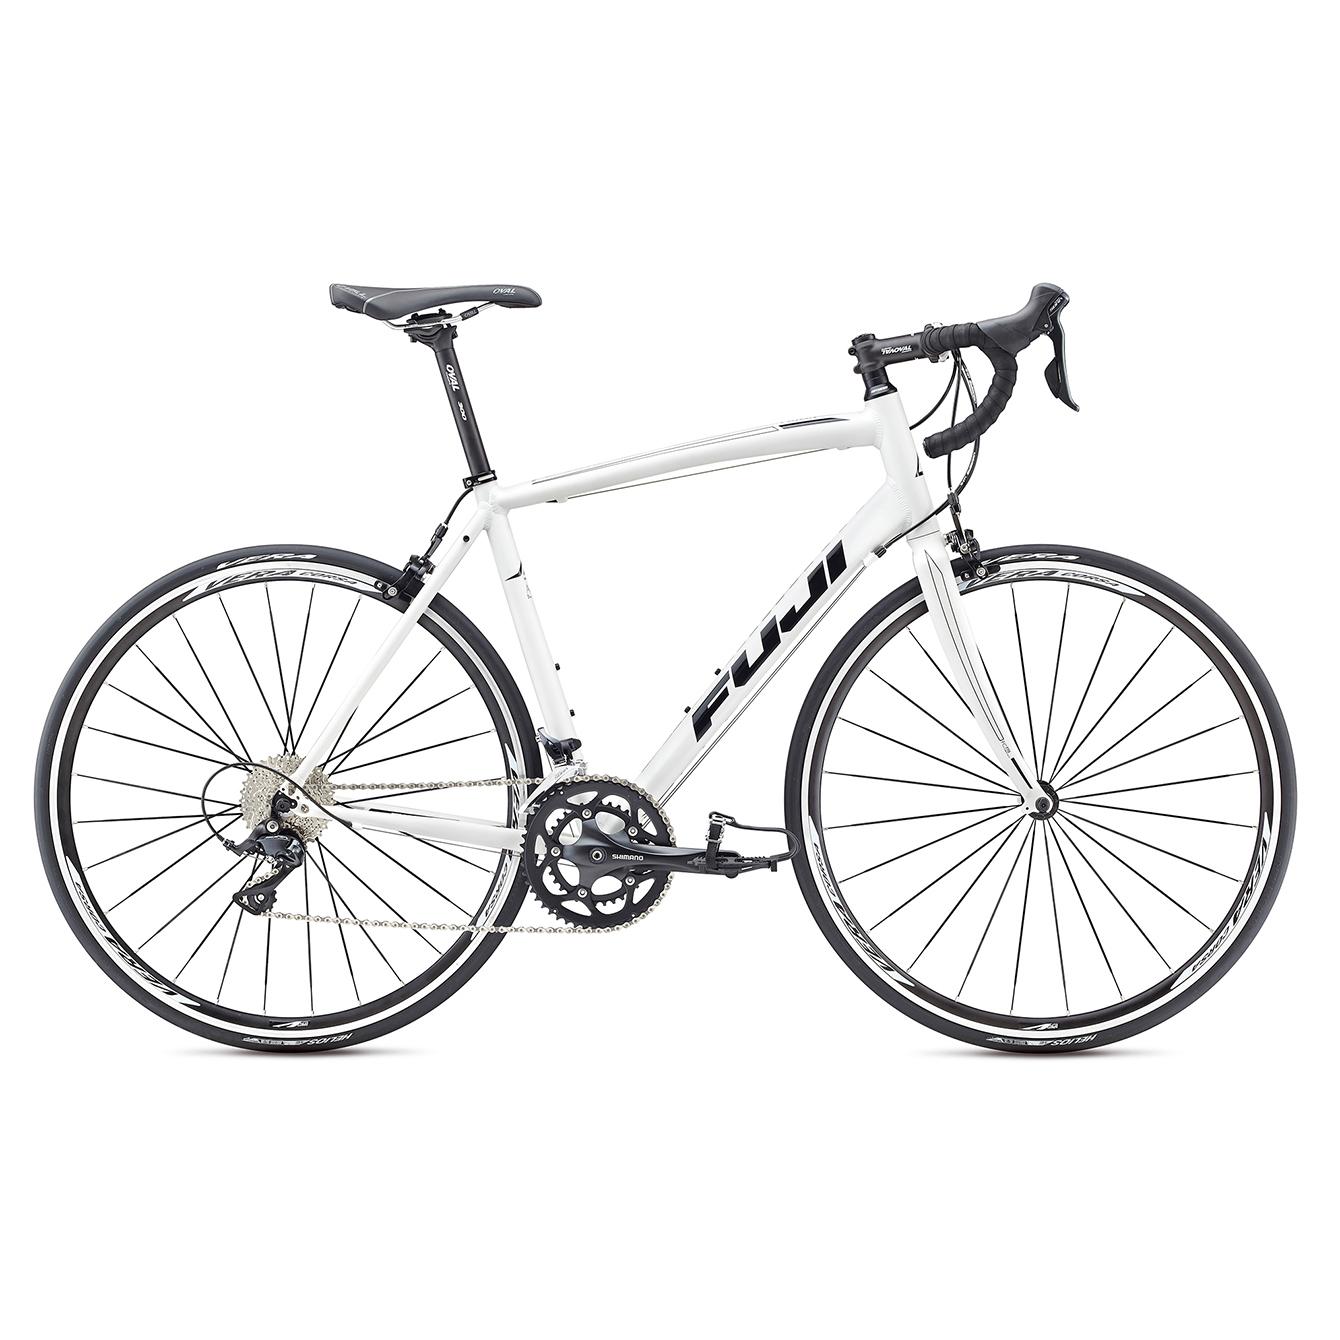 จักรยานเสือหมอบ FUJI SPORTIF 2.1 18สปีด Sora ,2017